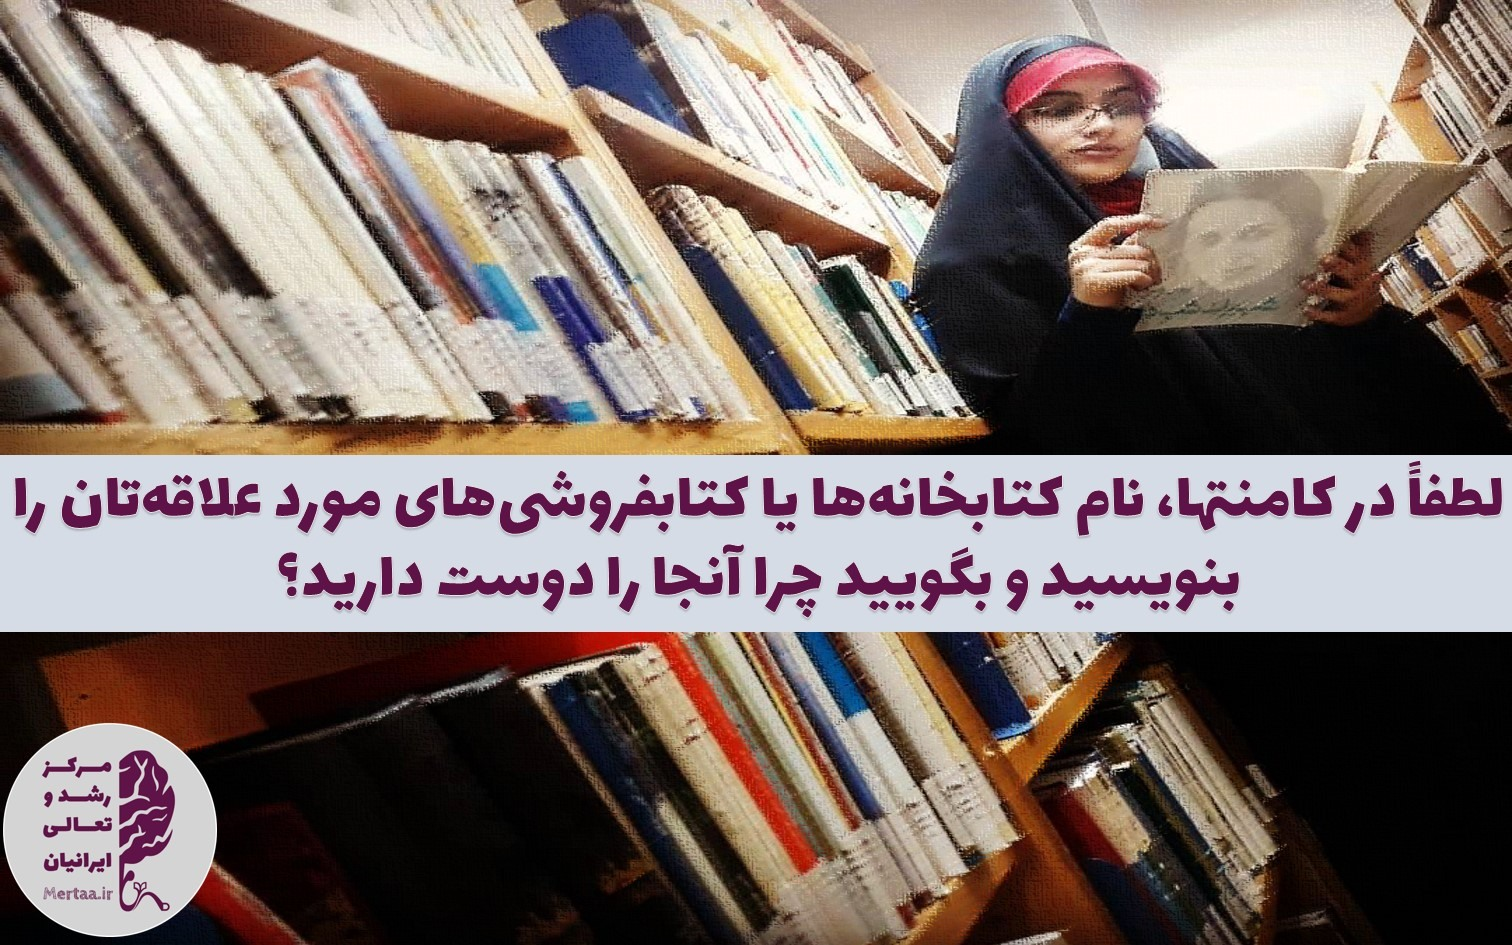 مائده عفتی در کتابخانه مدرسه اسلامی هنر